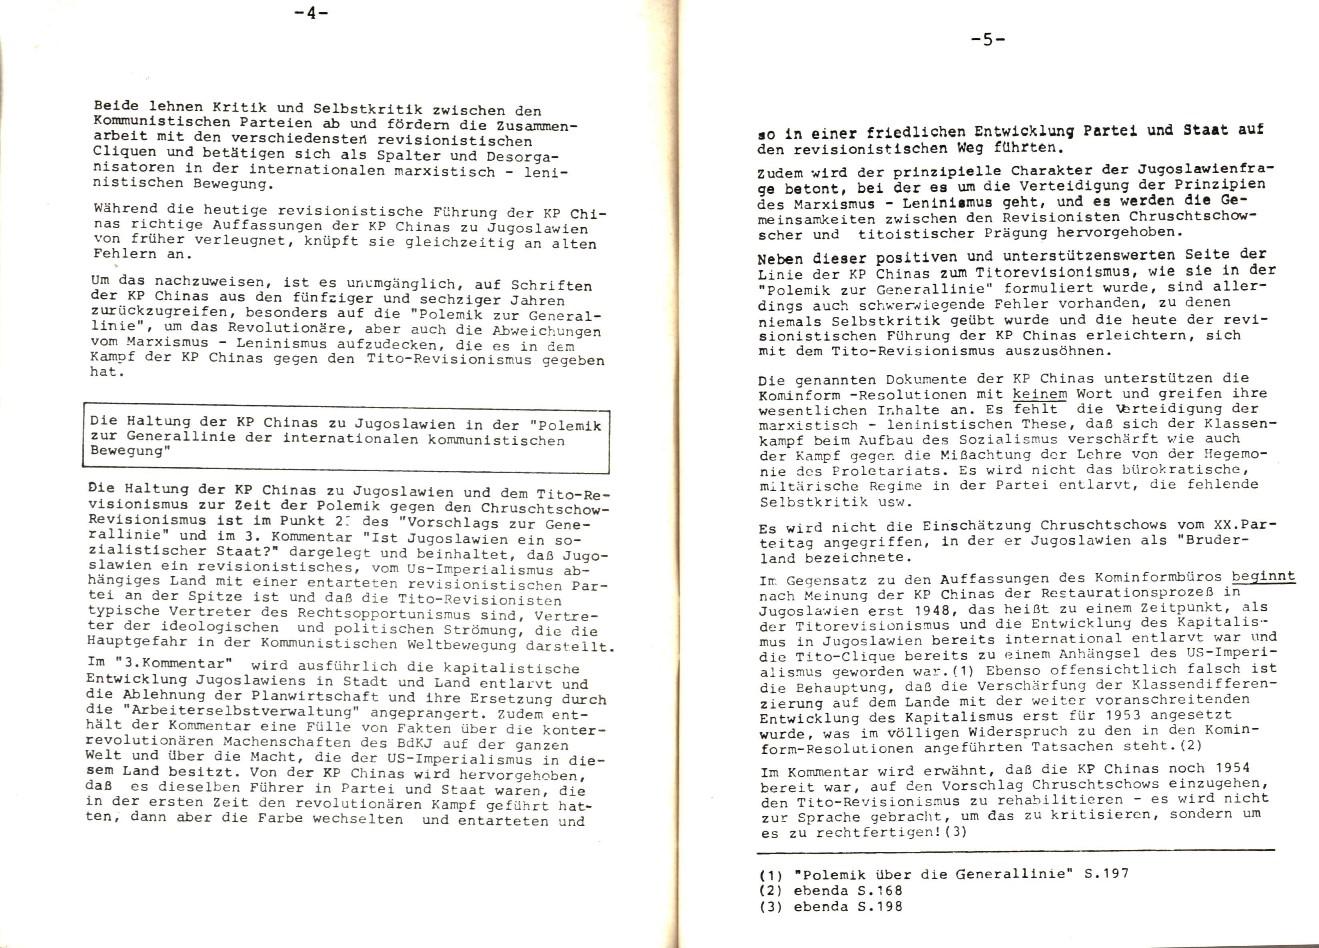 MLSK_Theorie_und_Praxis_des_ML_1979_24_04